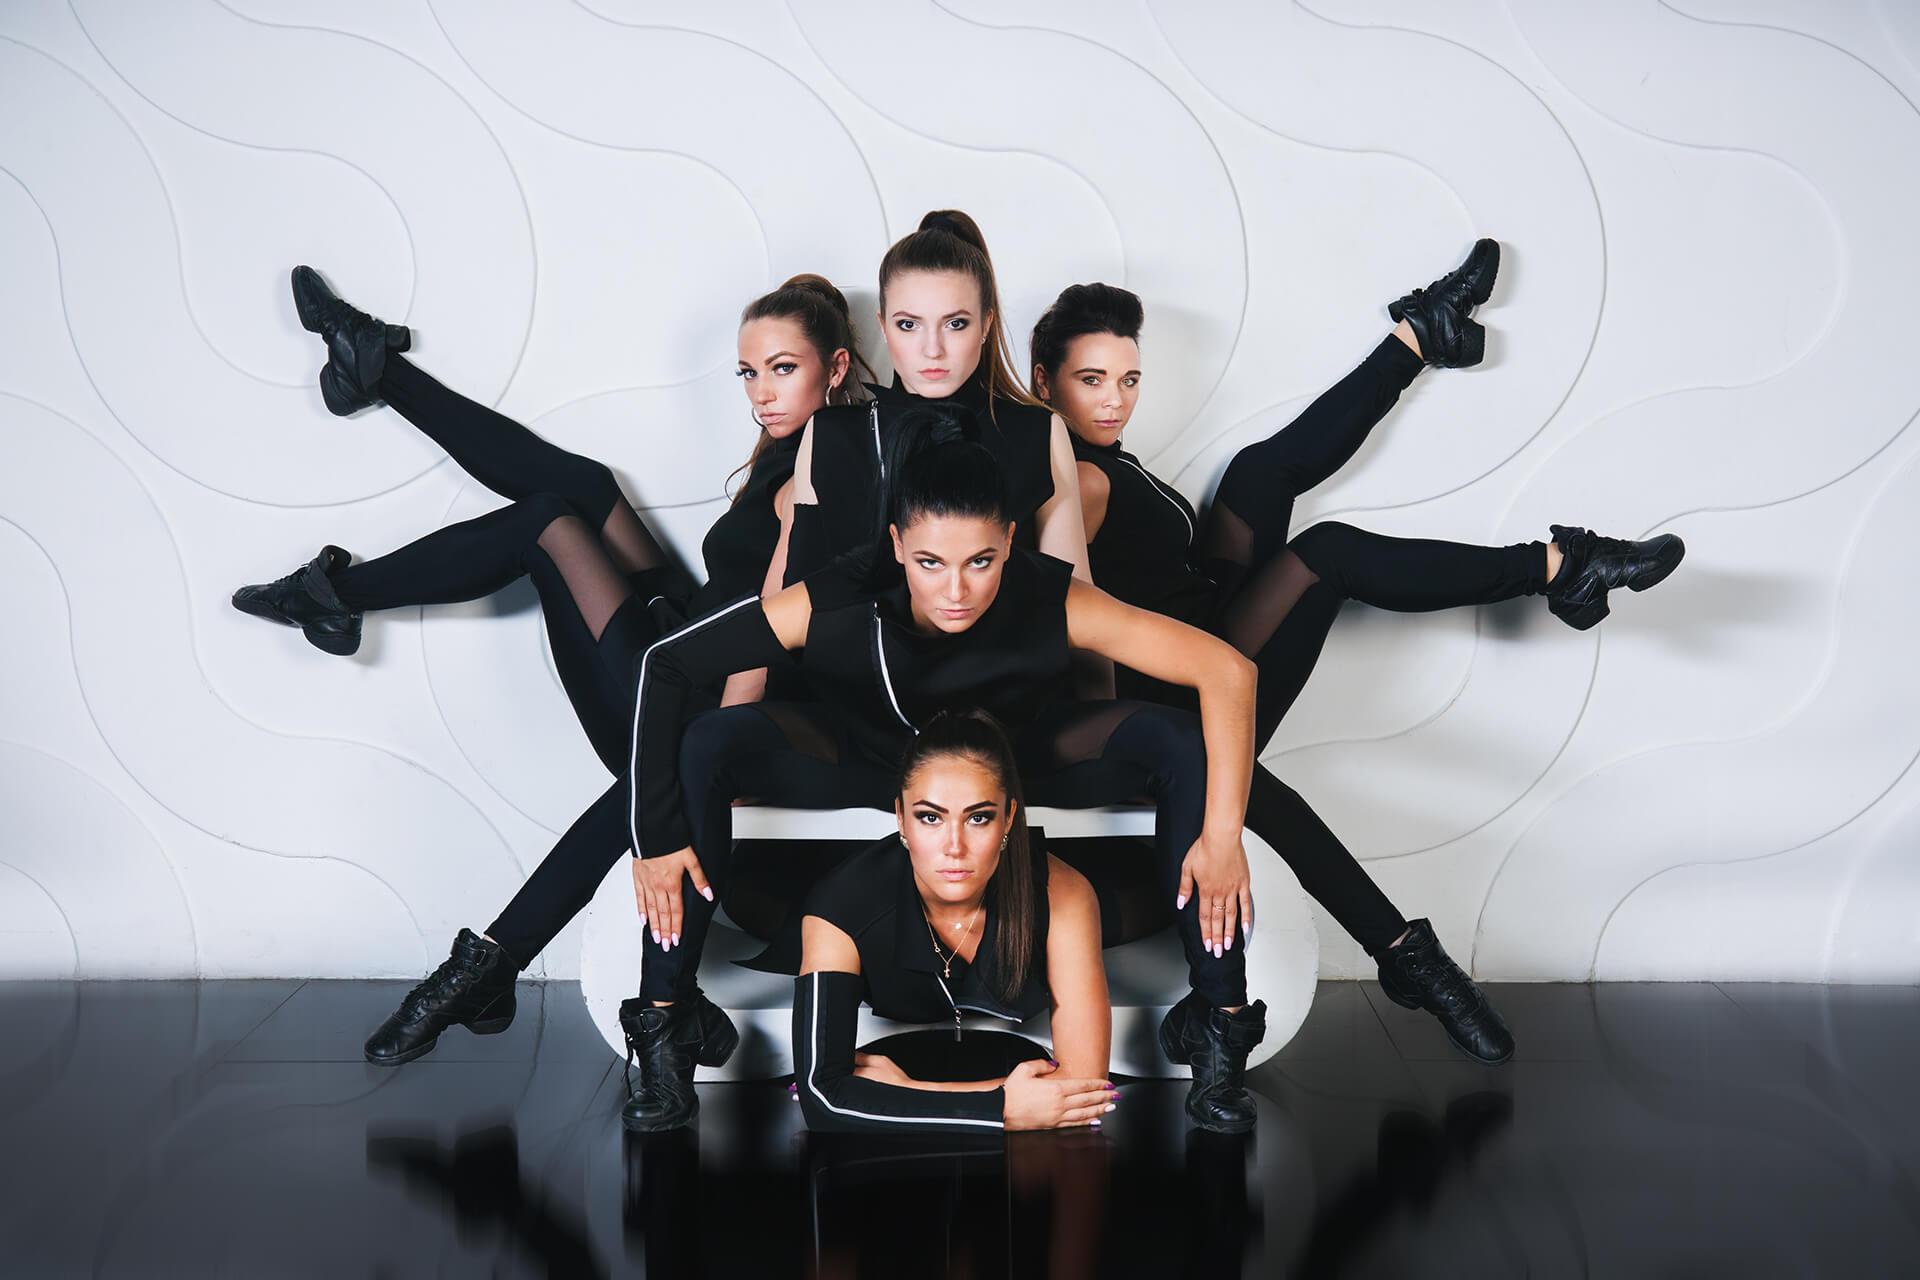 фотосессия для танцевального коллектива покупкой билетов